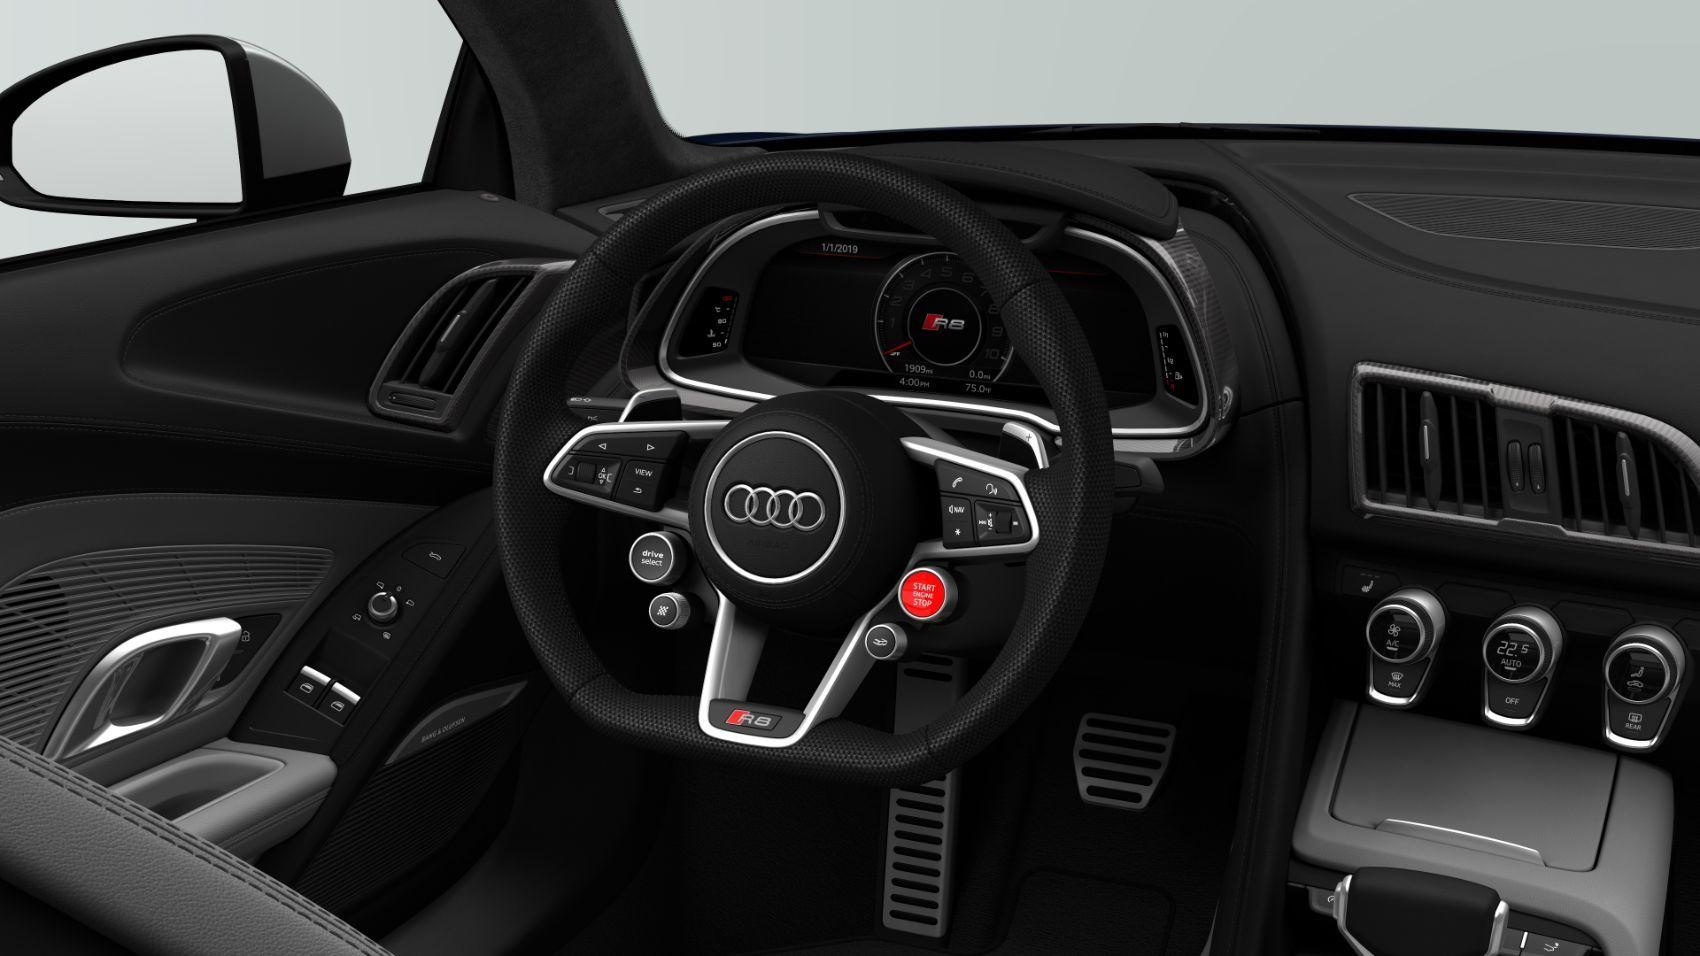 2020 Audi R8 V10 quattro Mugello Blue 4